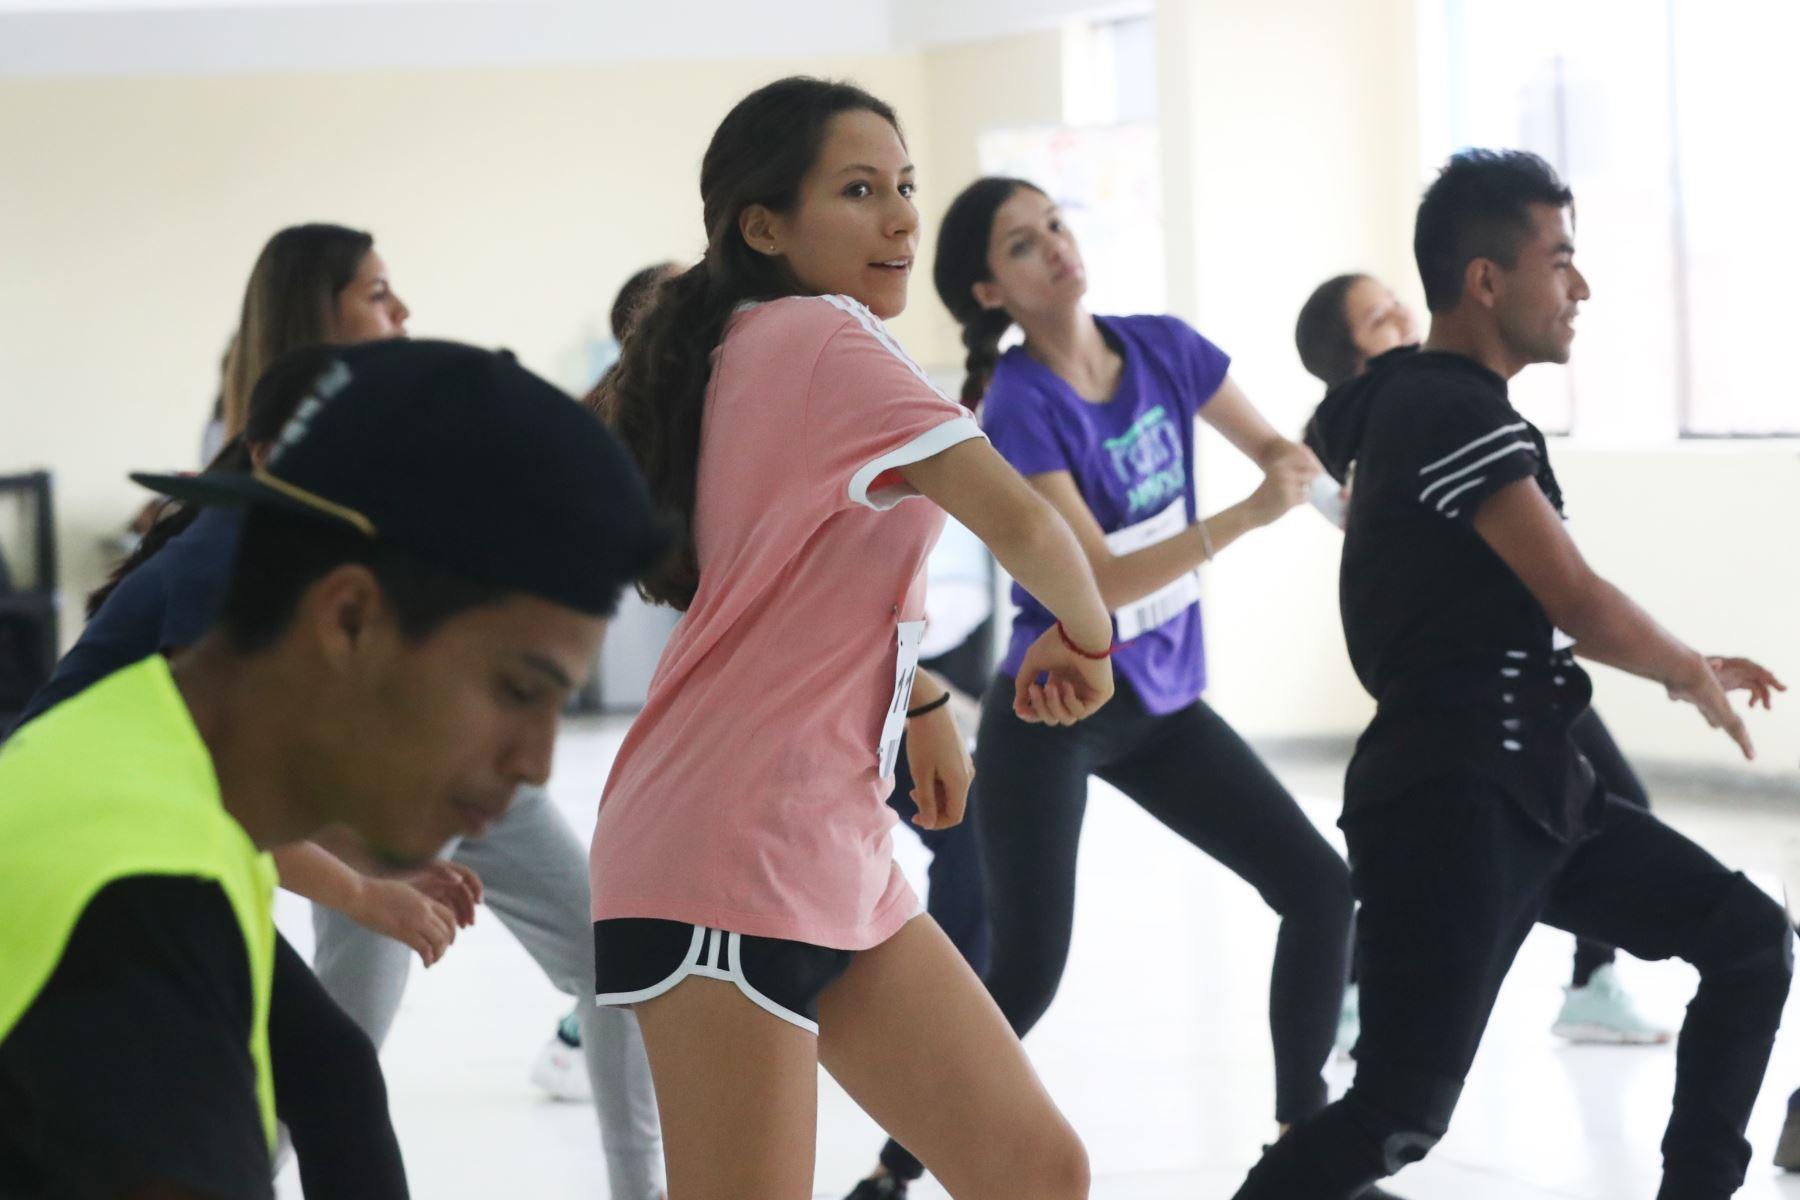 Jóvenes bailarines audicionan para formar parte del show de apertura de los Juegos Panamericanos y Parapanamericanos Lima 2019. Foto: ANDINA/Melina Mejía